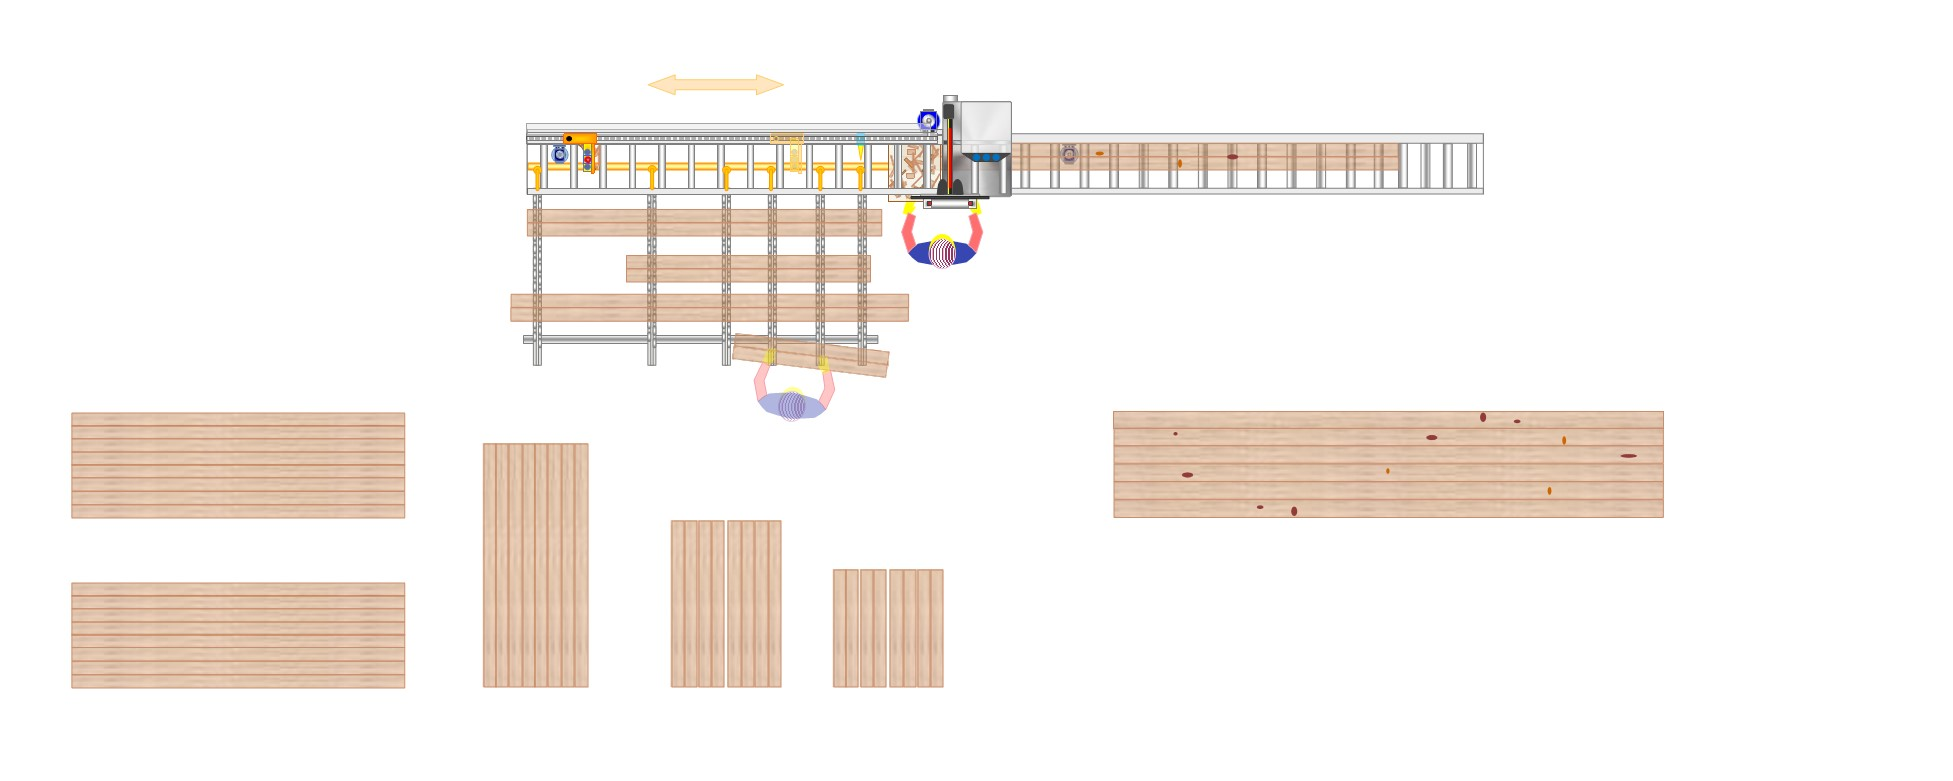 TVM 500 - Concept 05